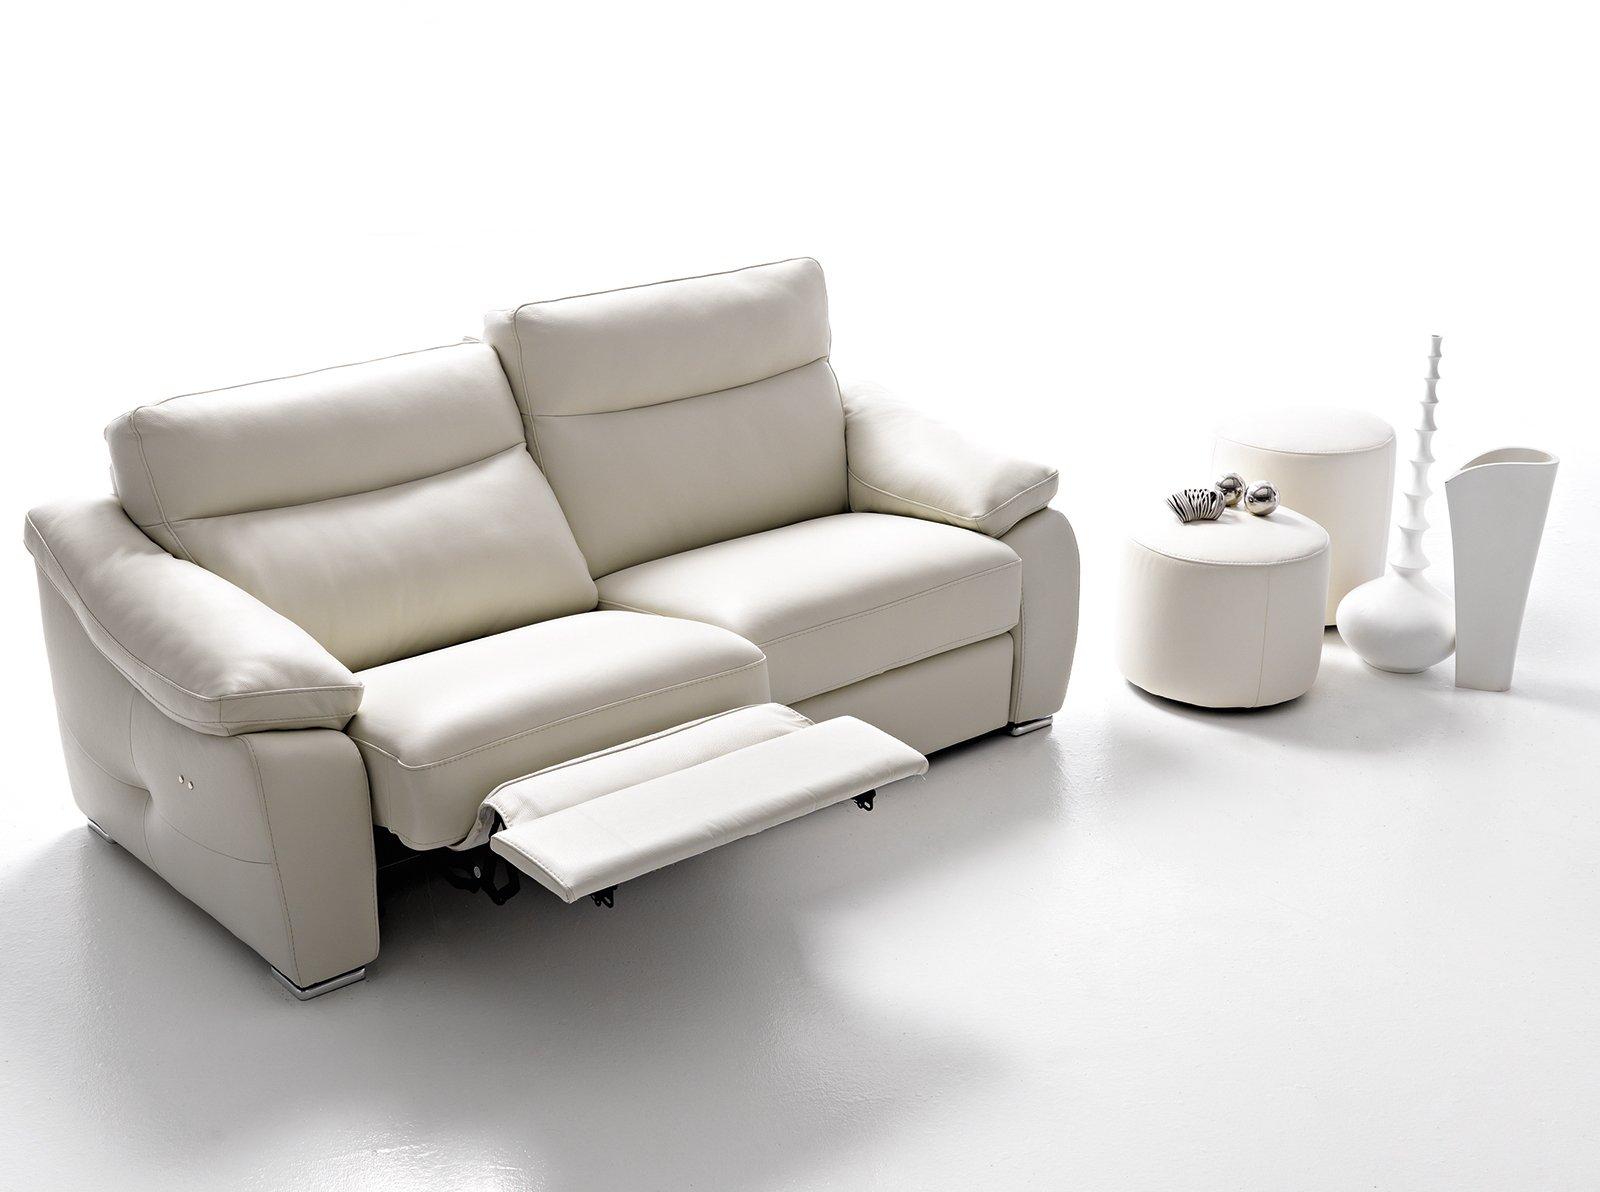 Max Relax Divani Letto.Divani Con Meccanismi Per Ogni Tipo Di Relax Cose Di Casa